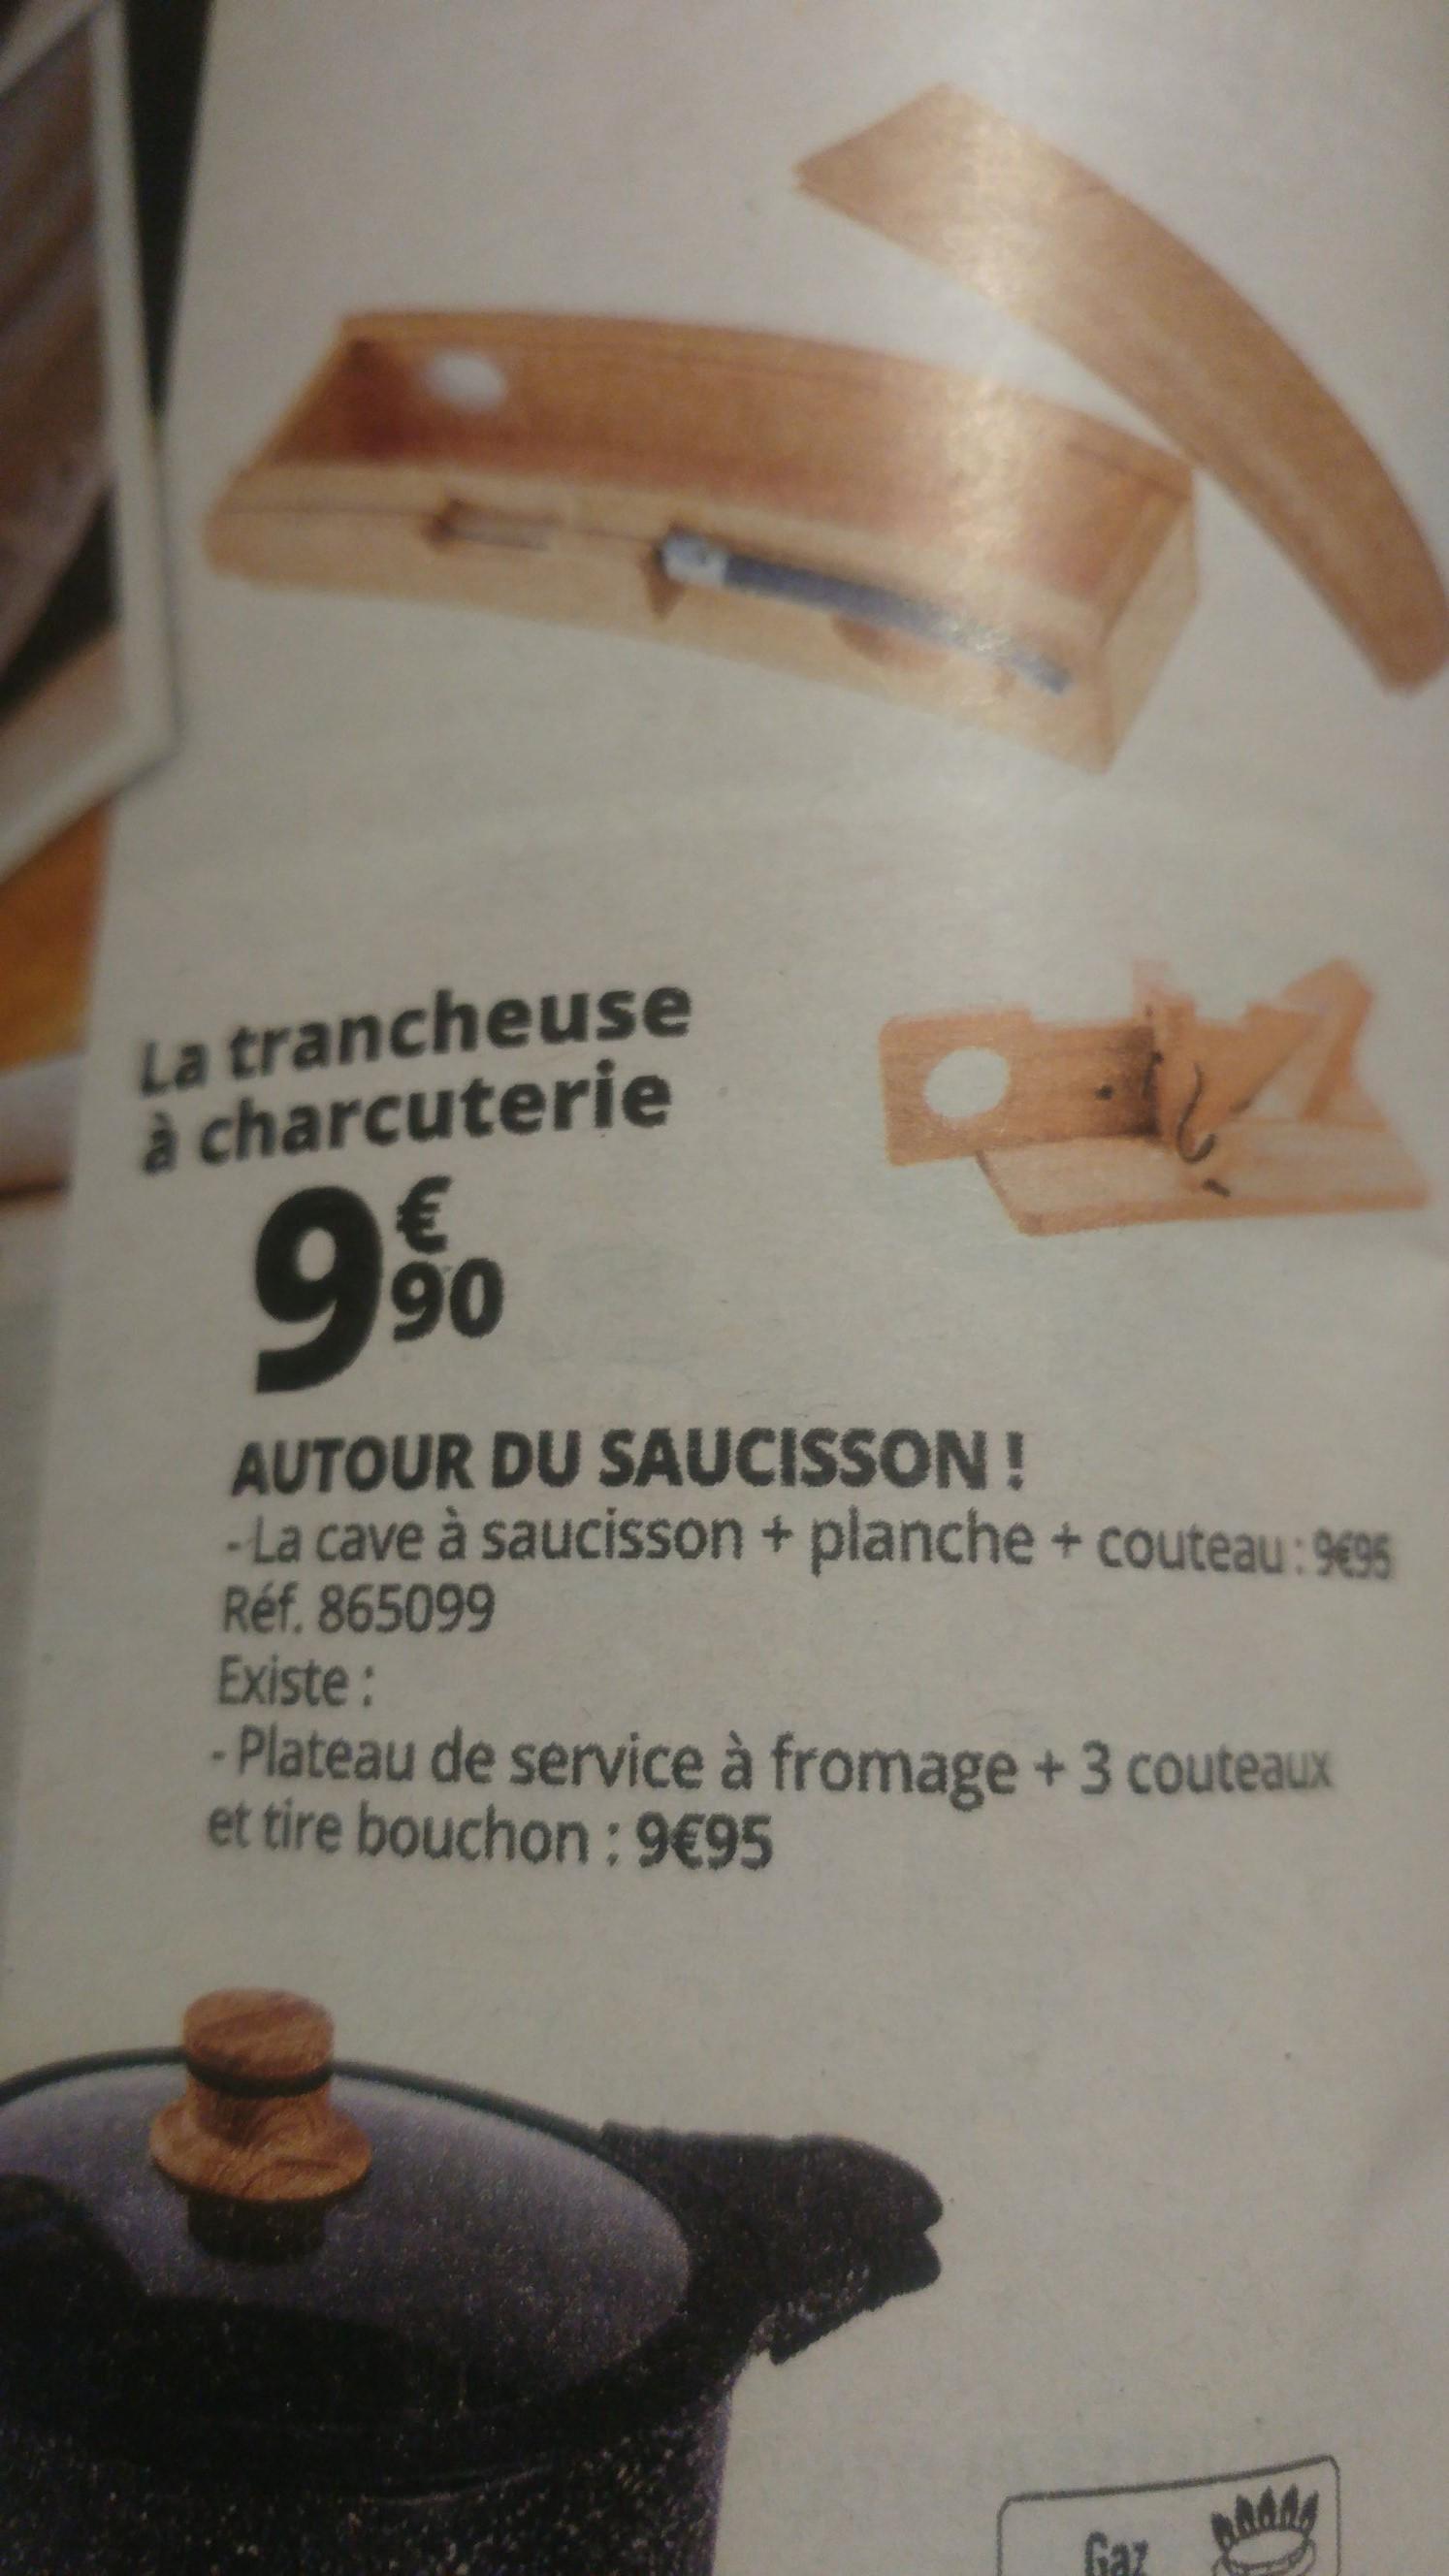 trancheuse charcuterie cave saucisson planche 3. Black Bedroom Furniture Sets. Home Design Ideas